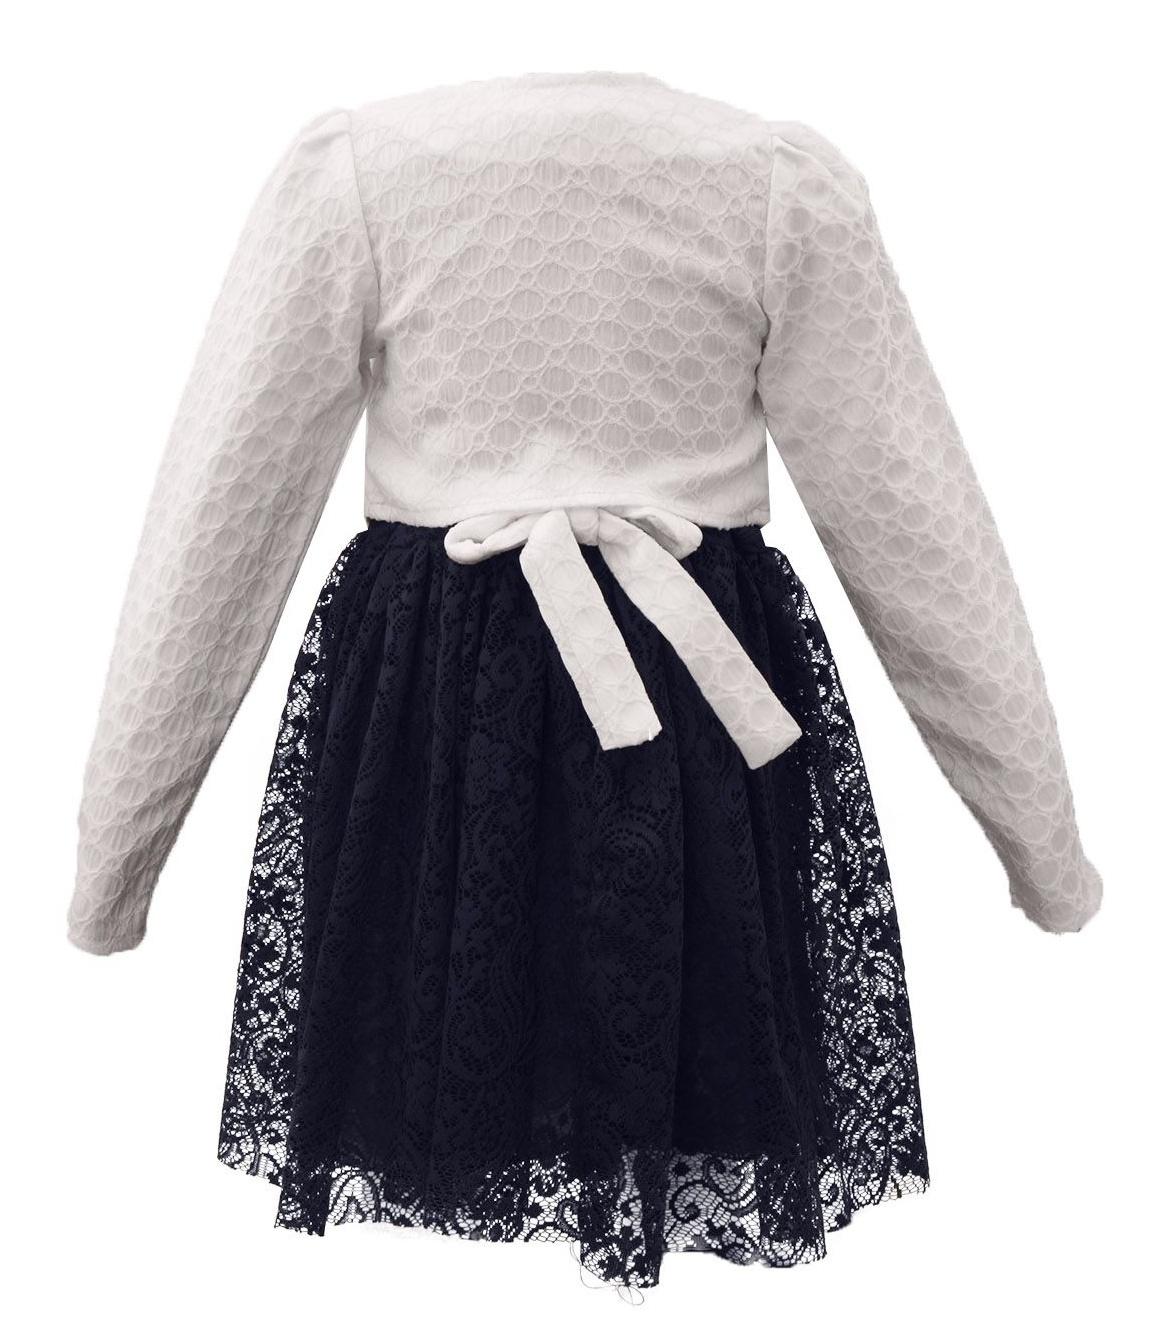 ست کت و پیراهن مجلسی دخترانه کد 005